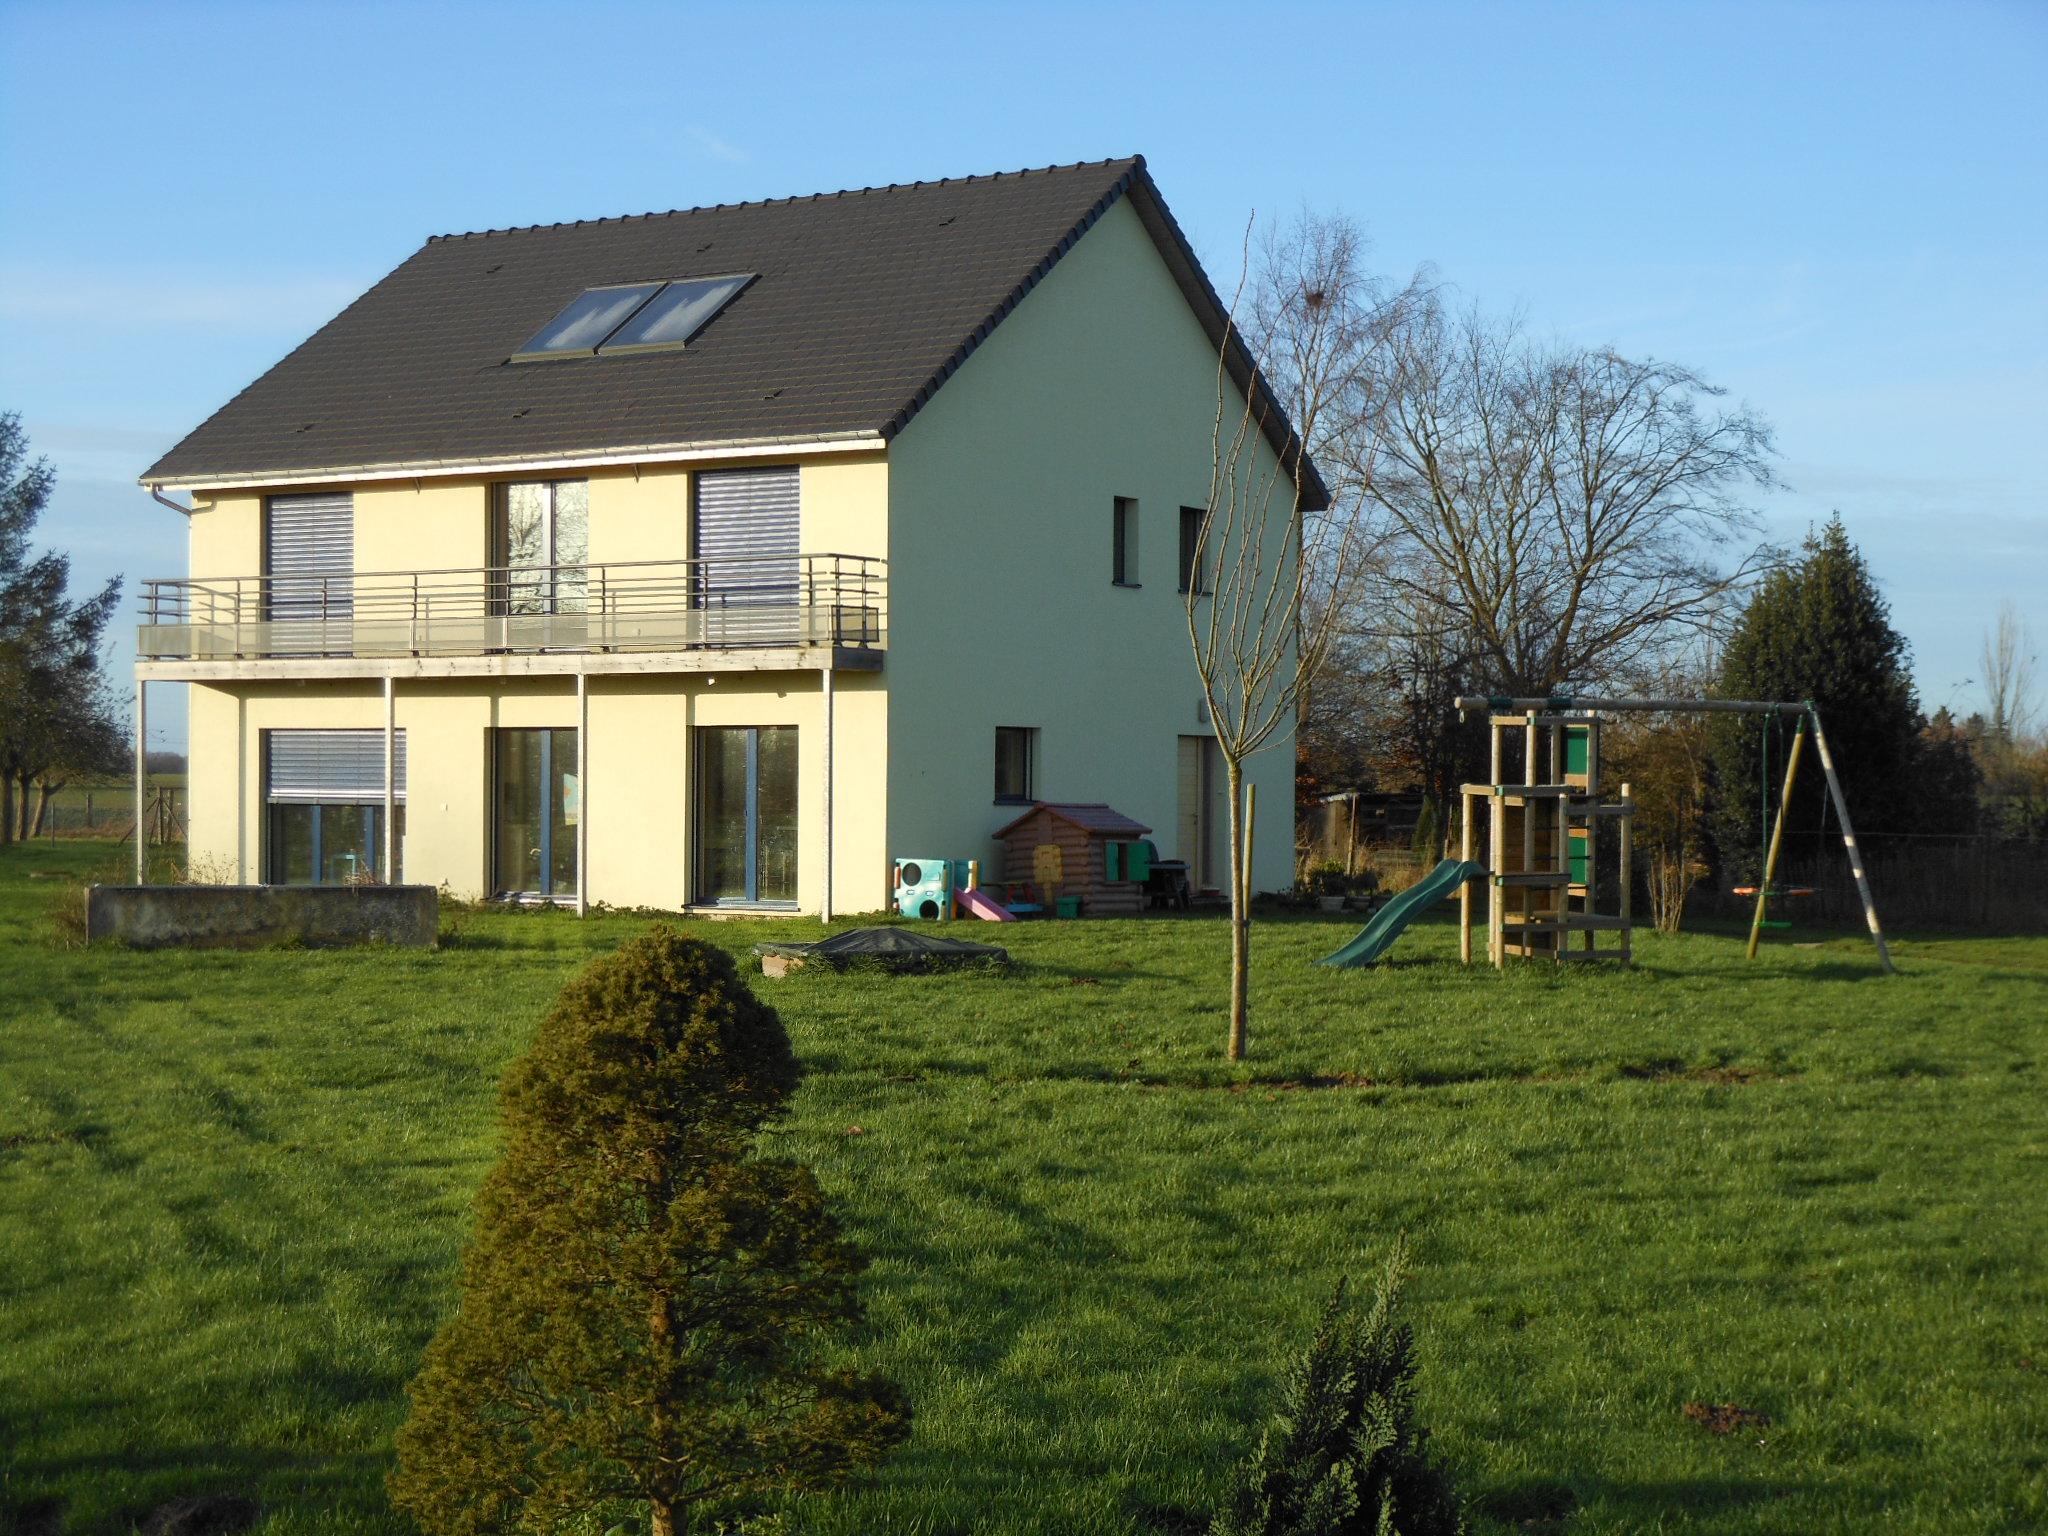 Maison passive en normandie 742 kwh sur novembre d cembre - Combien consomme une maison en kwh ...